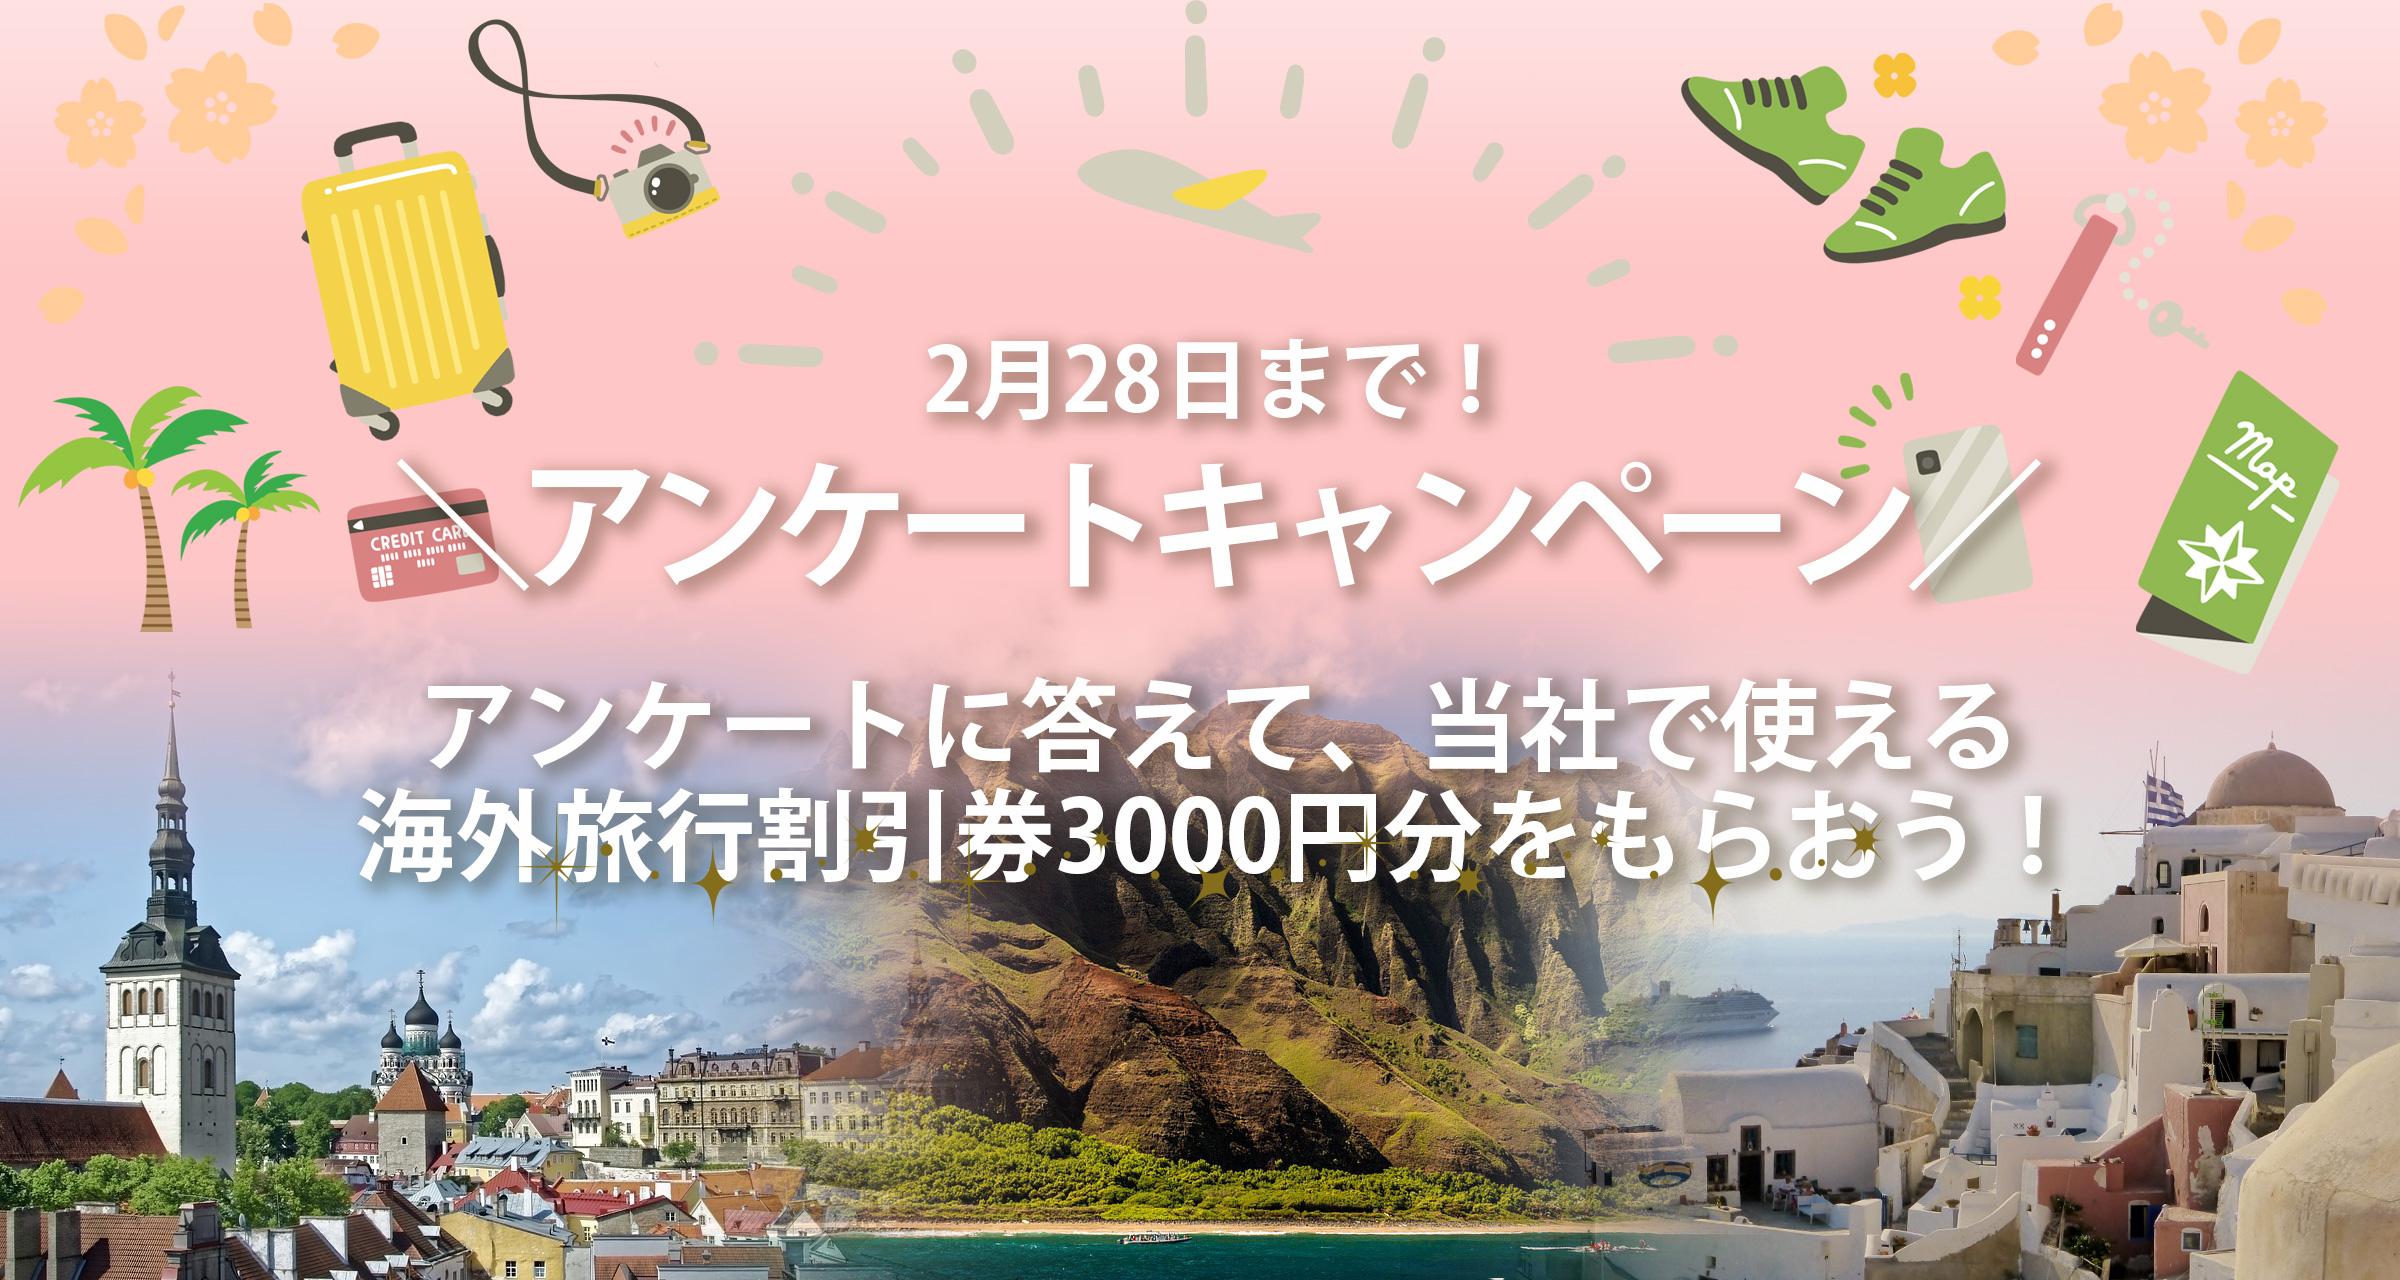 3000円分の\渡航再開後の/海外旅行割引券があたる!アンケートキャンペーン